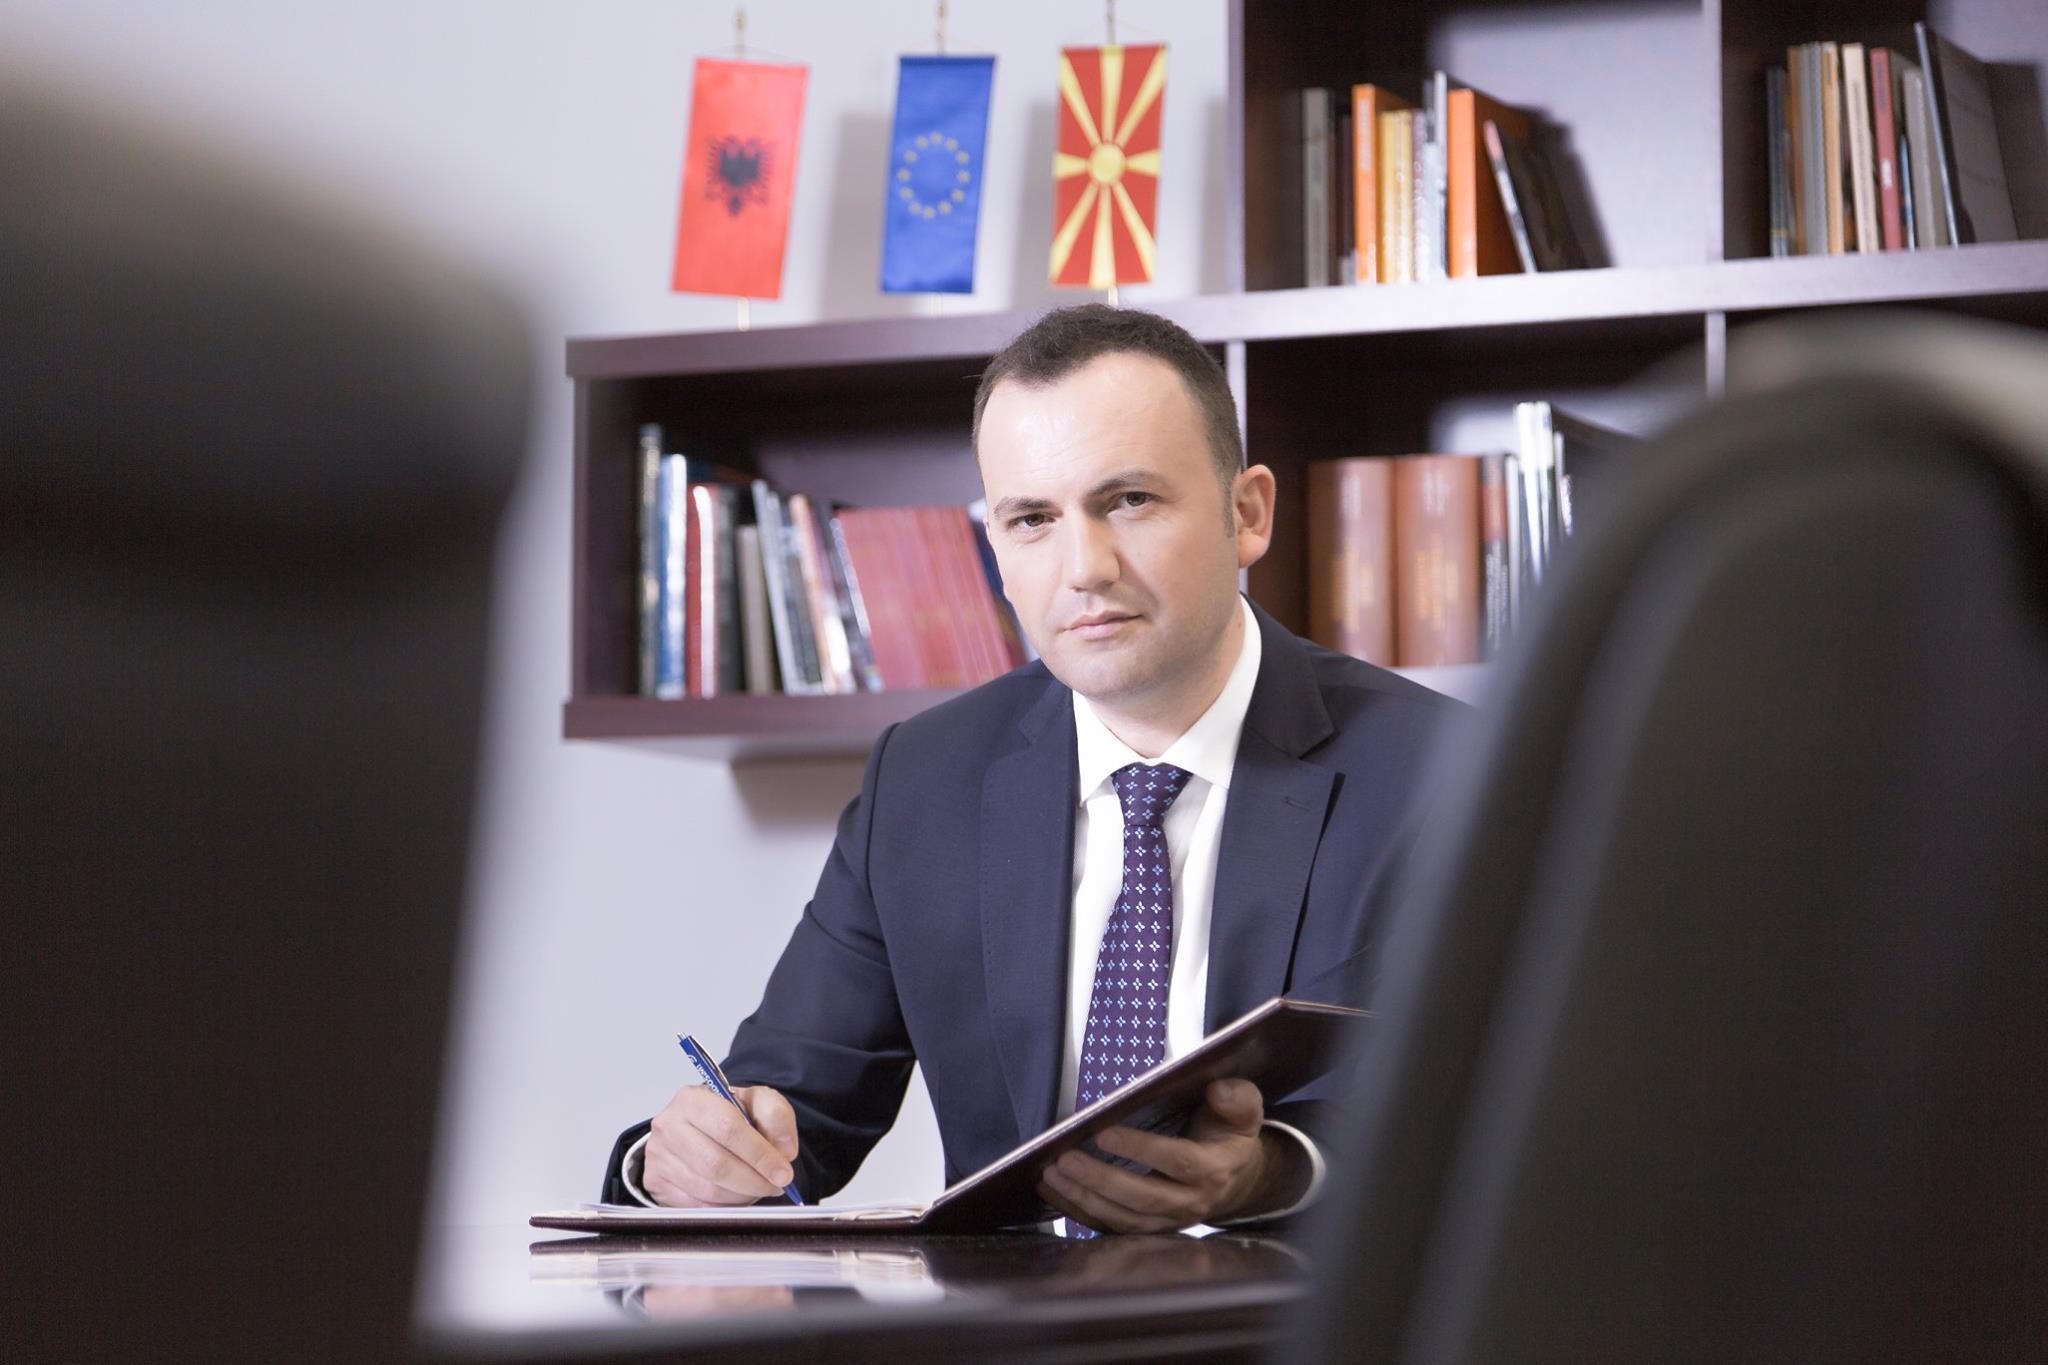 Βόρεια Μακεδονία: Στις Βρυξέλλες ο Osmani για σειρά επαφών